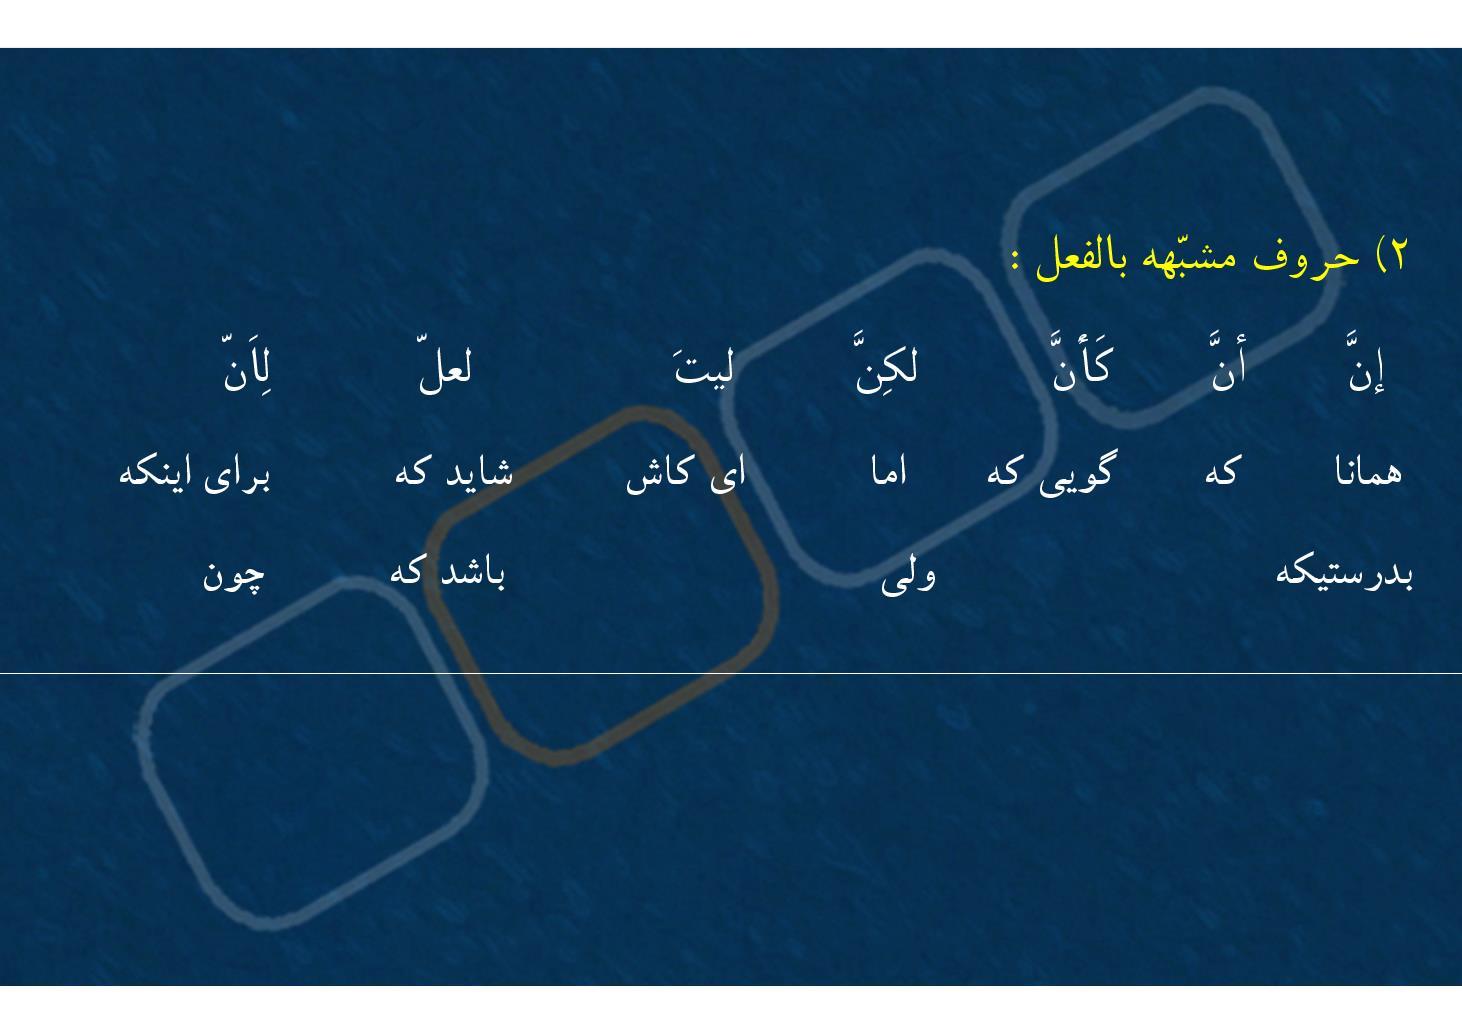 عربی ٢- درس ١٠- حروف مشبهه بالفعل- بخش ١ (PDF)